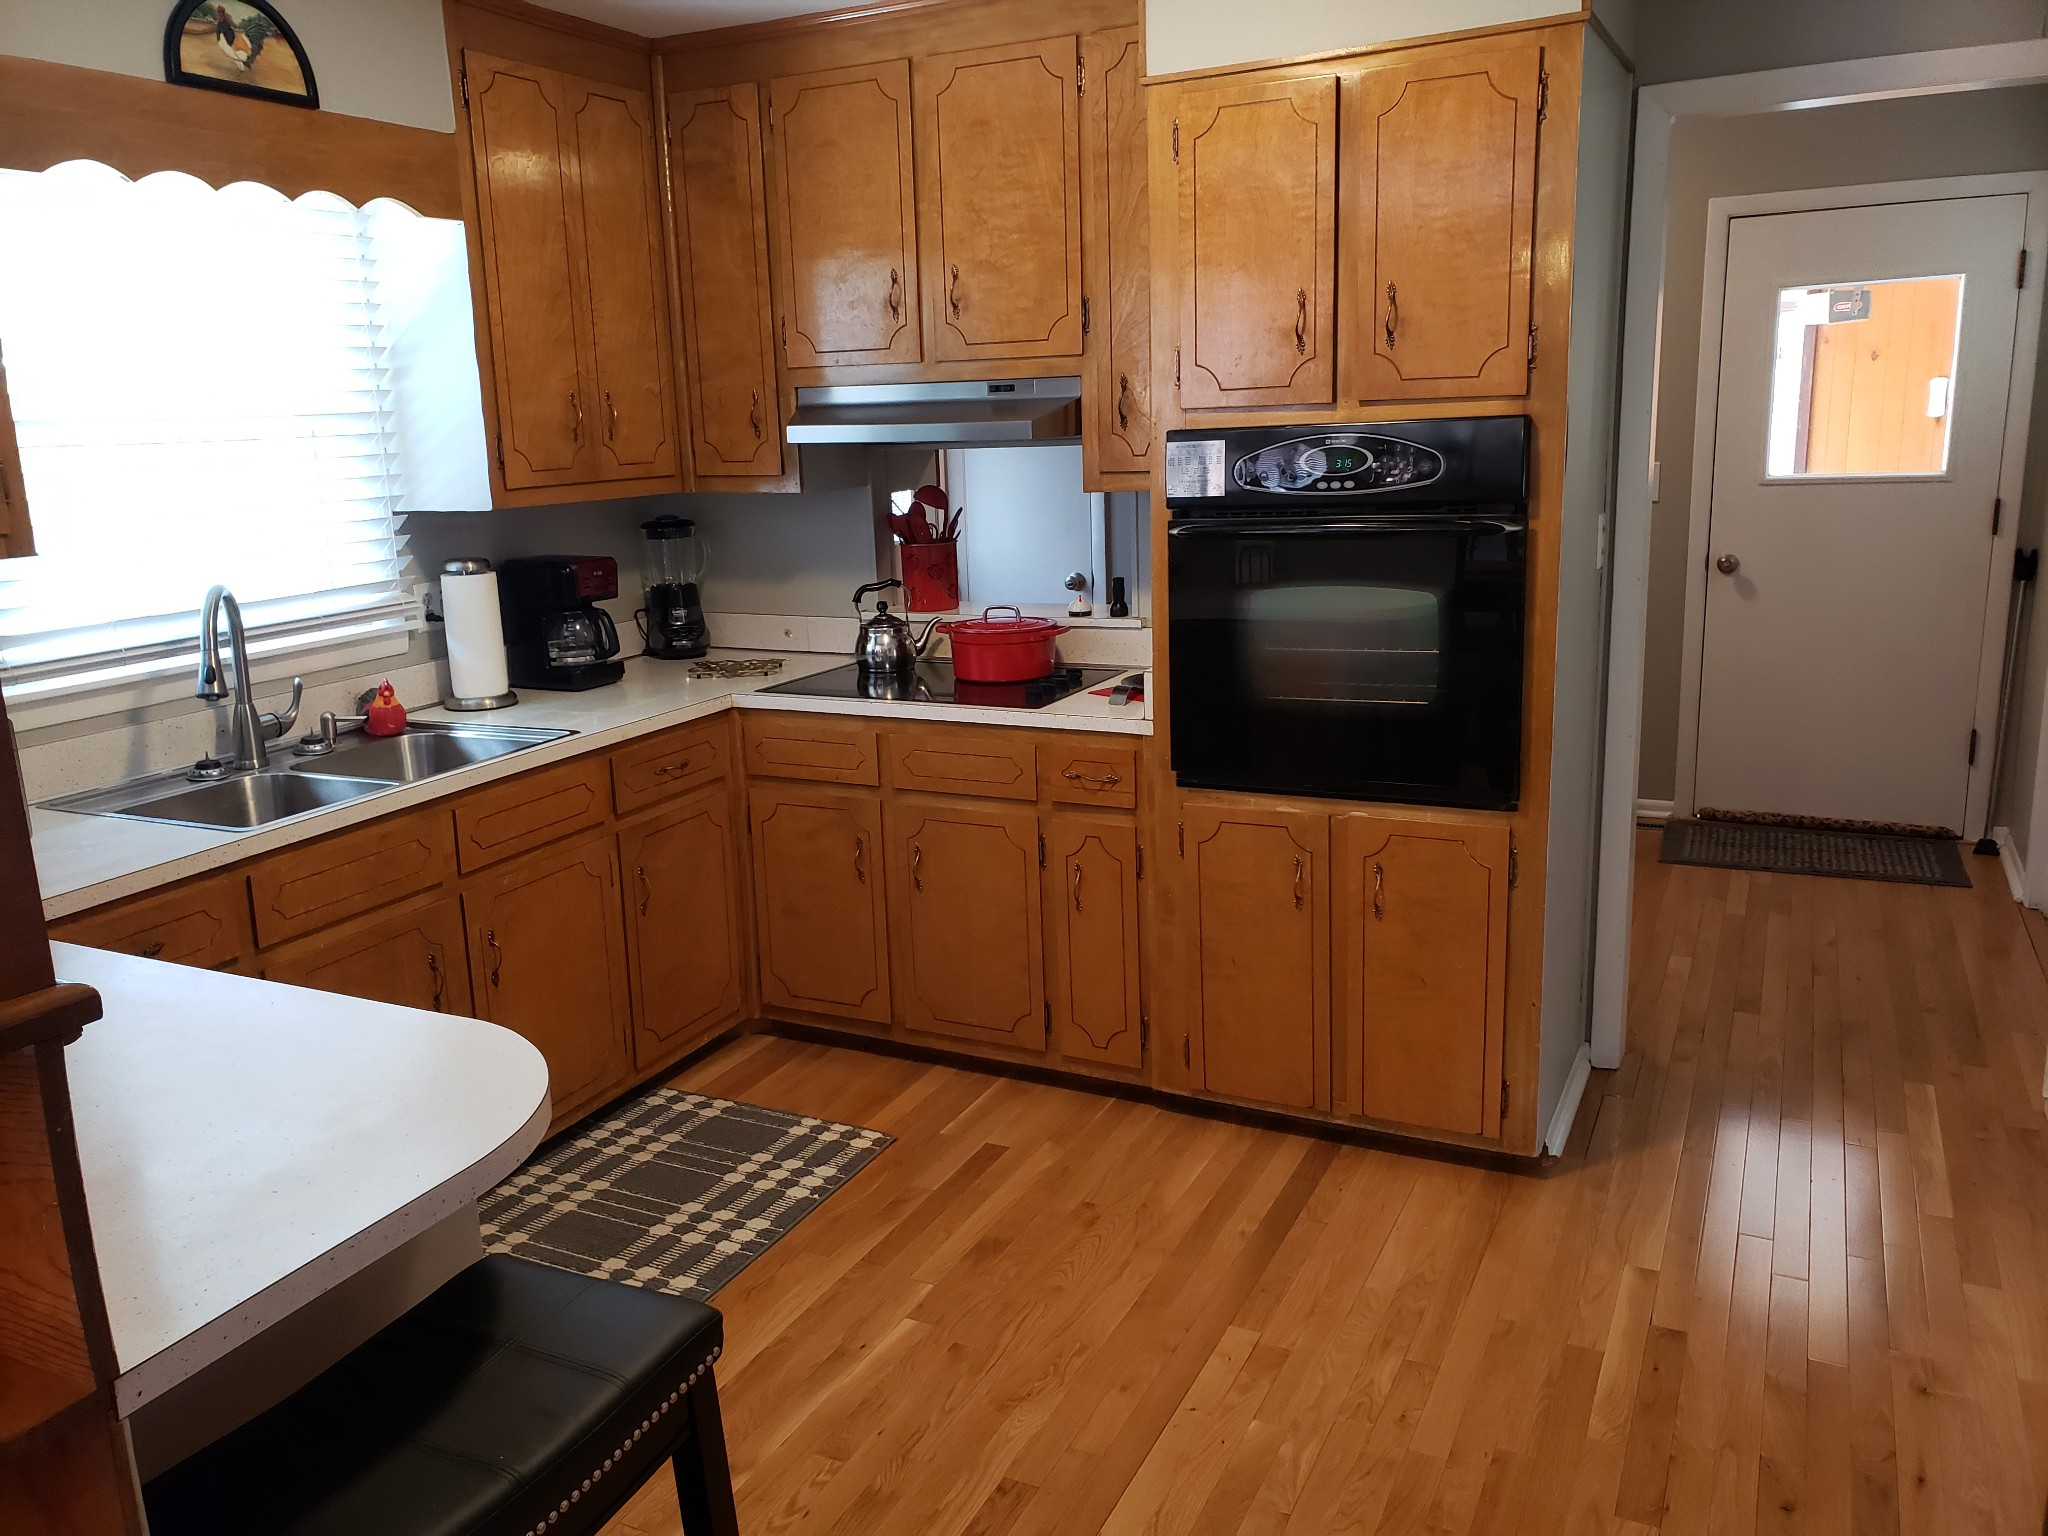 505 Kindel Dr Property Photo 2